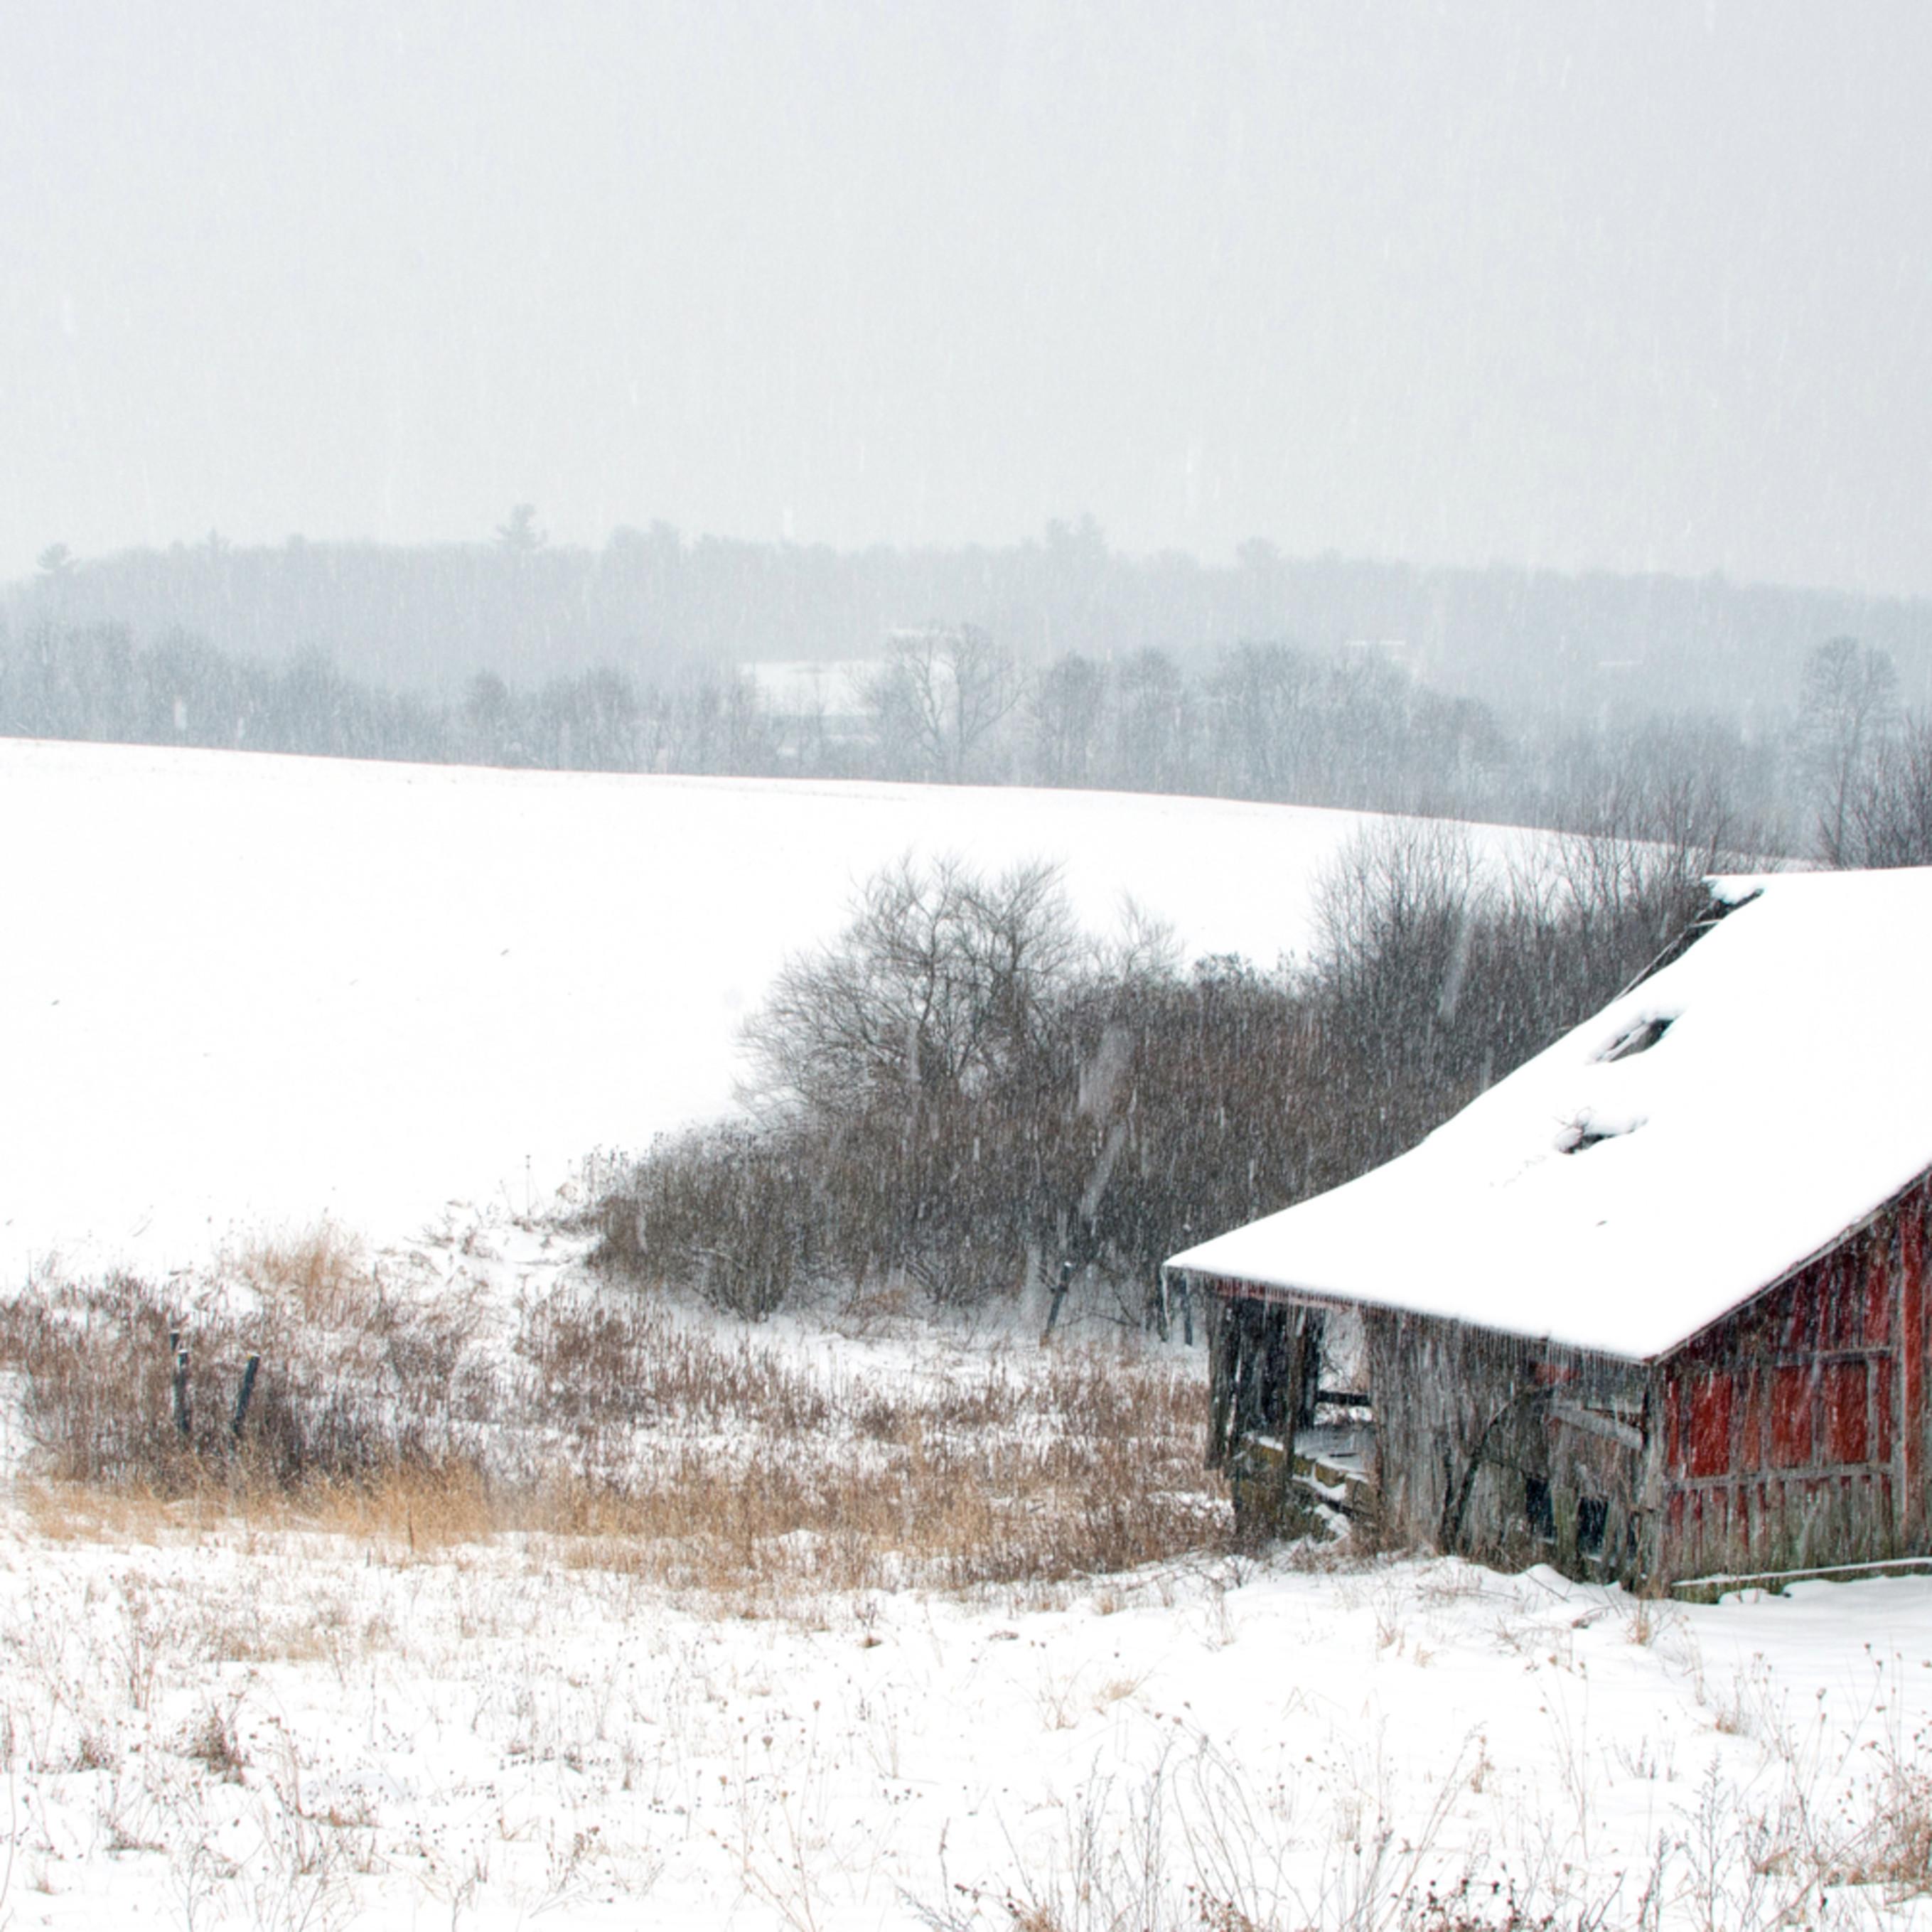 Winter in monroe county cpnunz